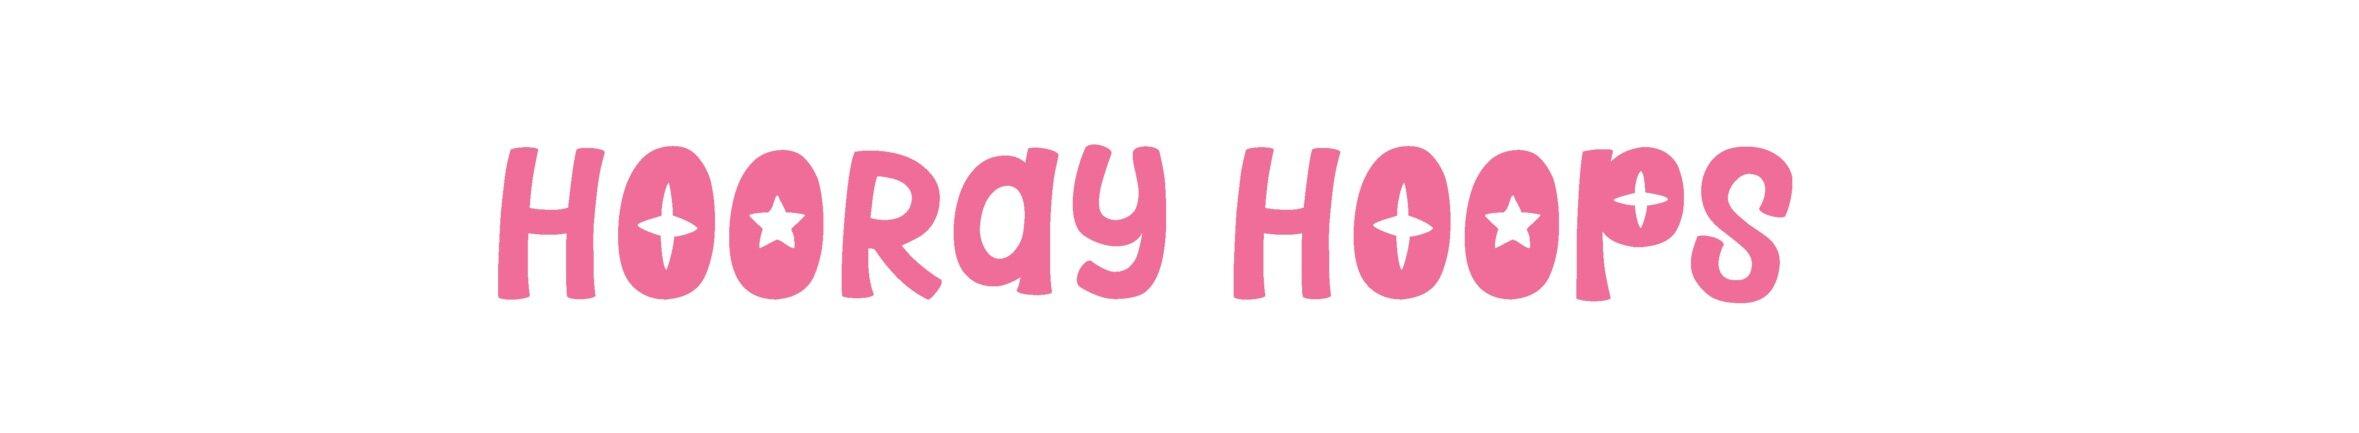 HHoops+Logo+PINK.jpg